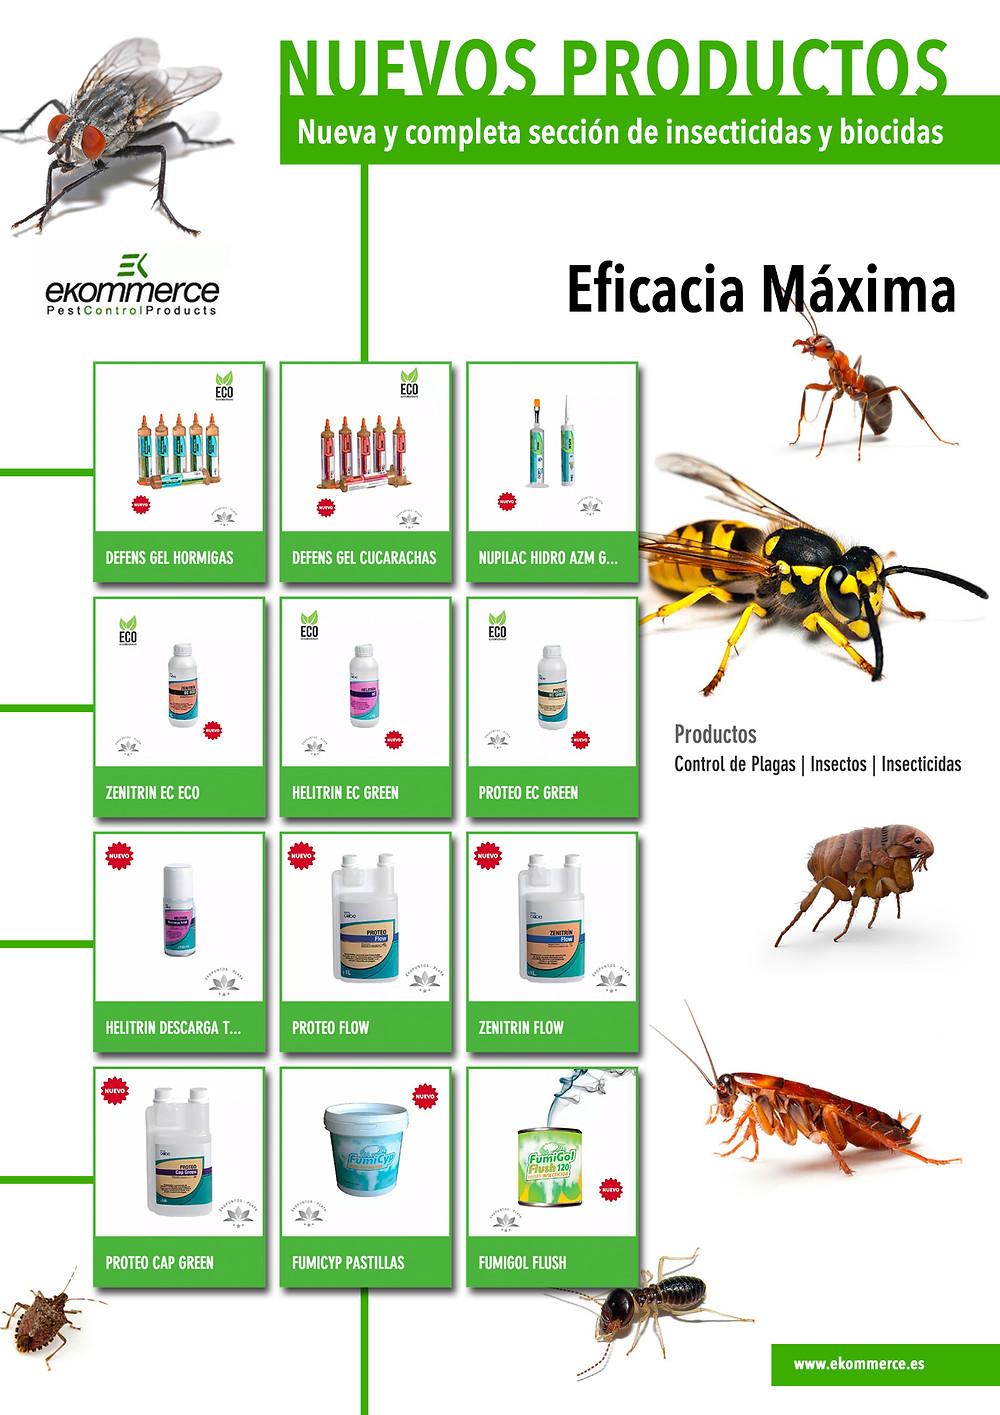 Nuevos Insecticidas y Biocidas Ekommerce